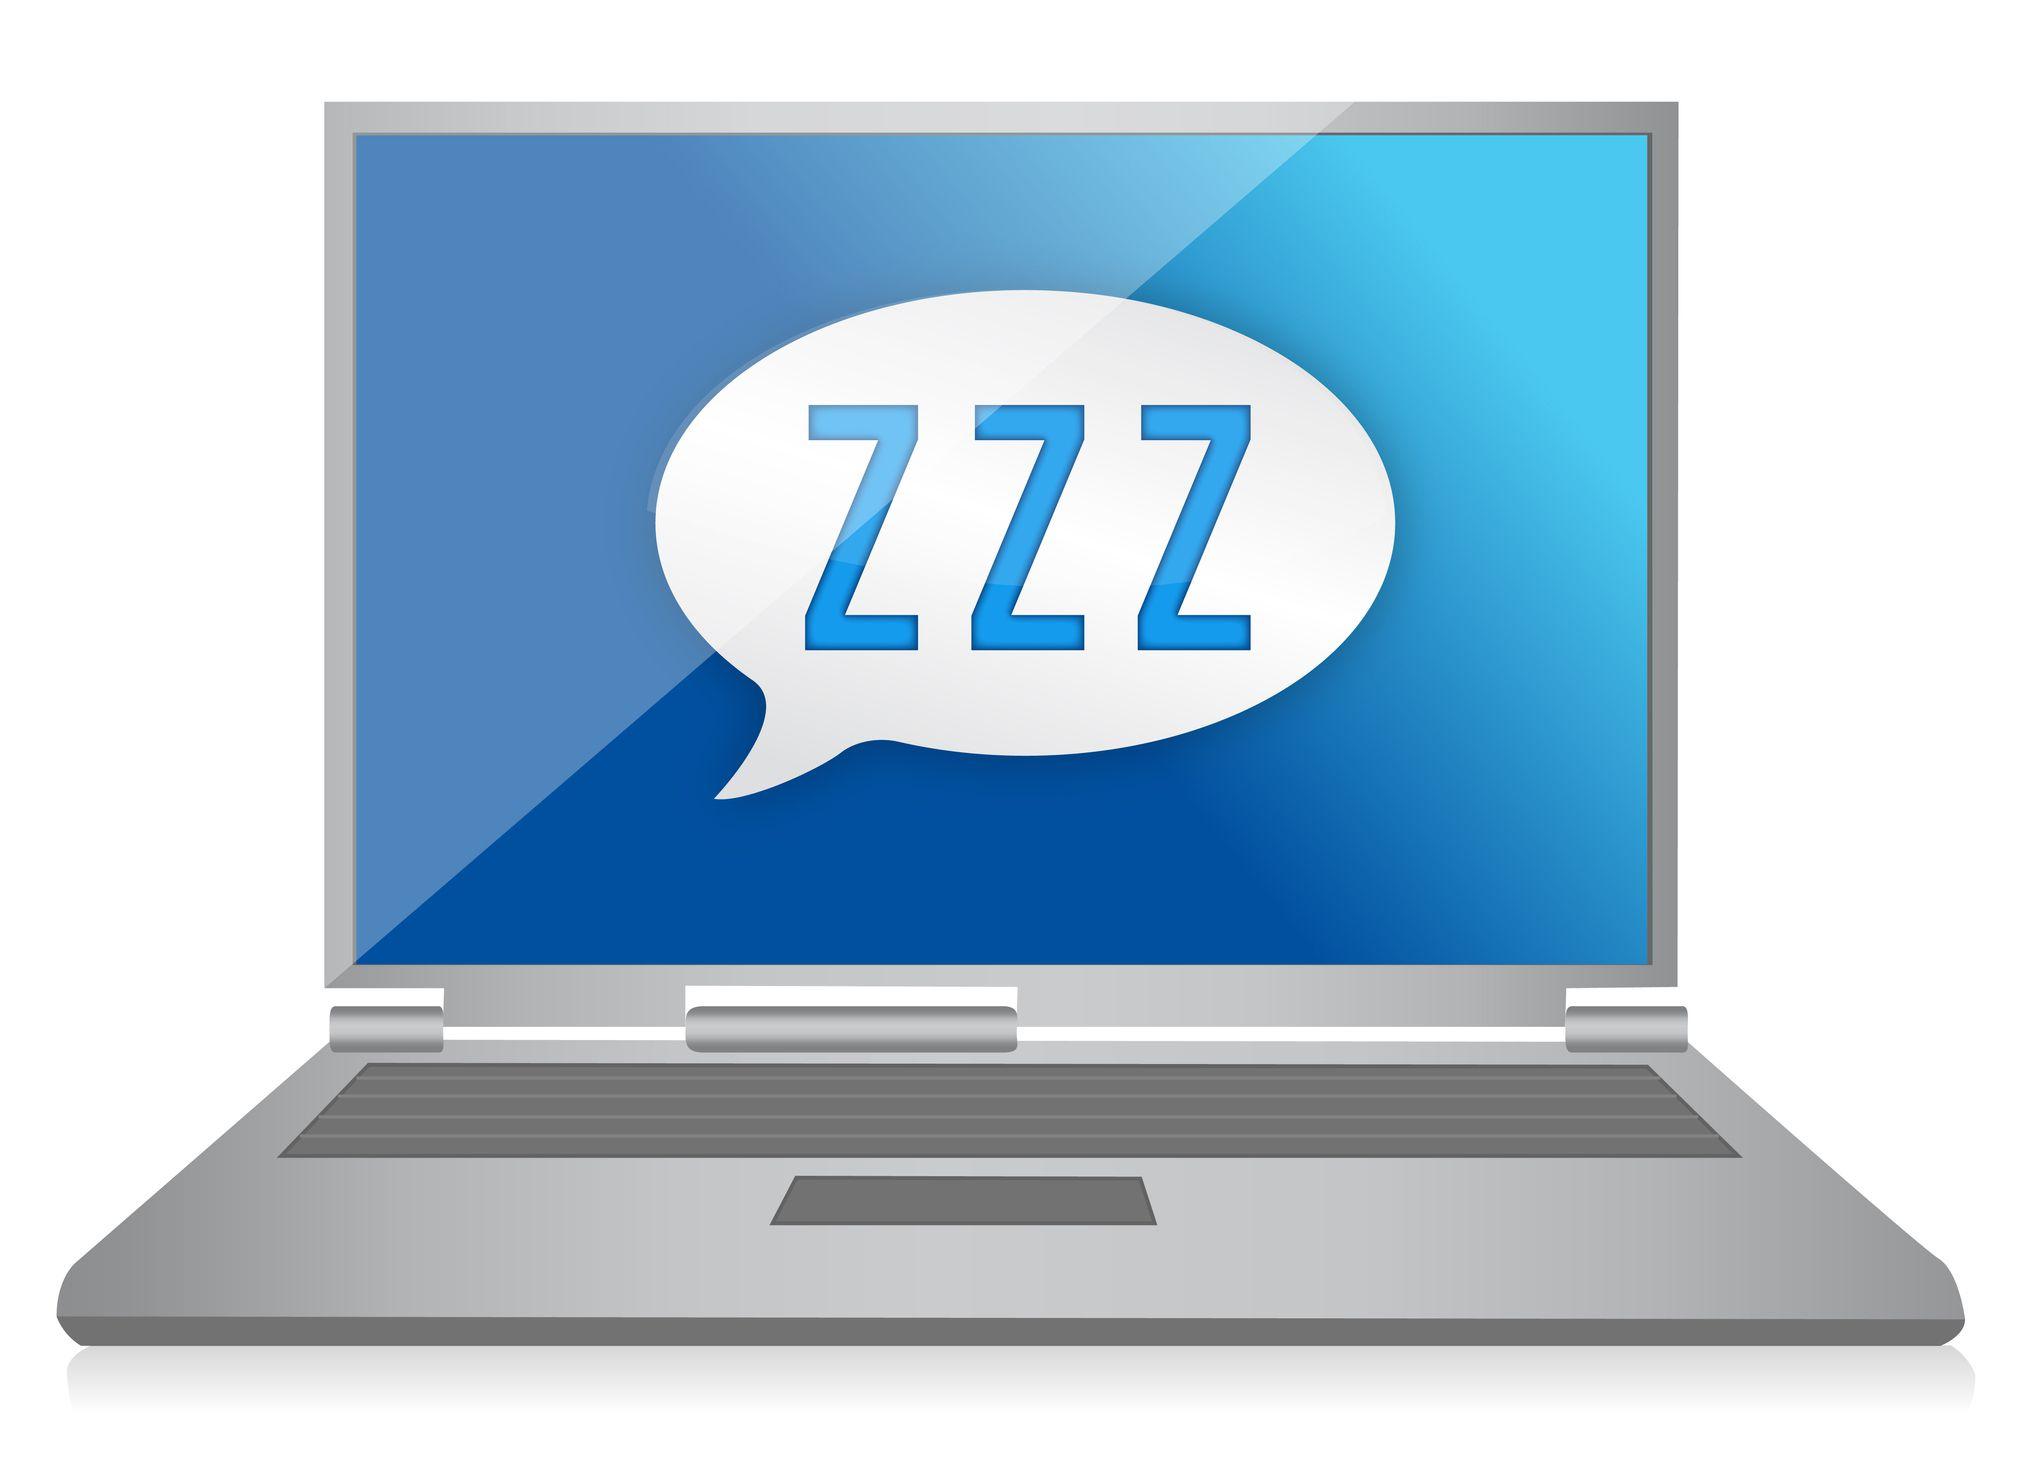 How to Change Windows Sleep Settings